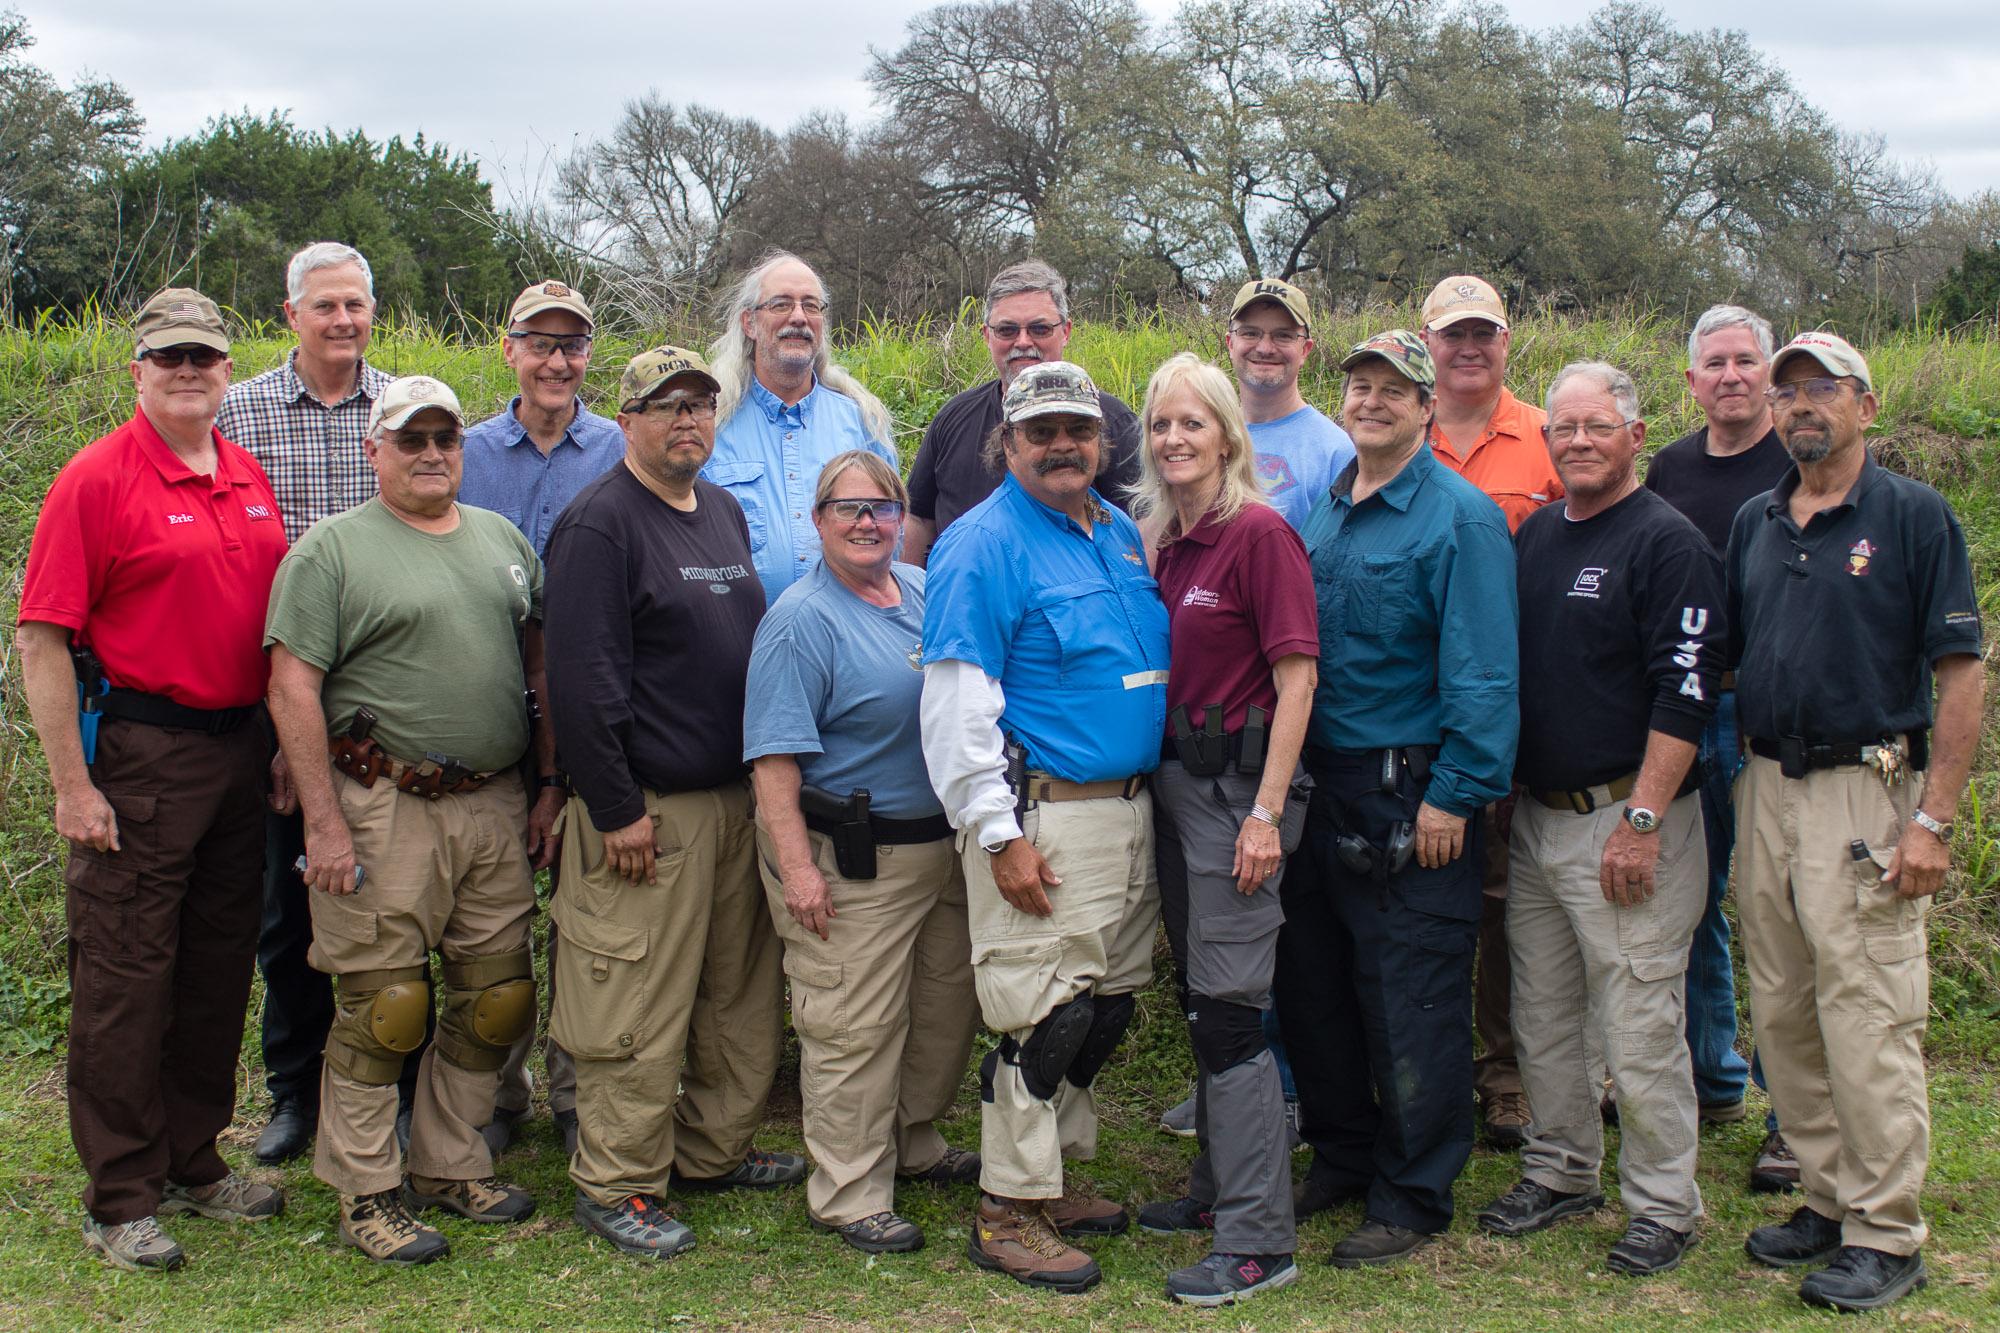 MAG20 Range TX 2018 Class Photo